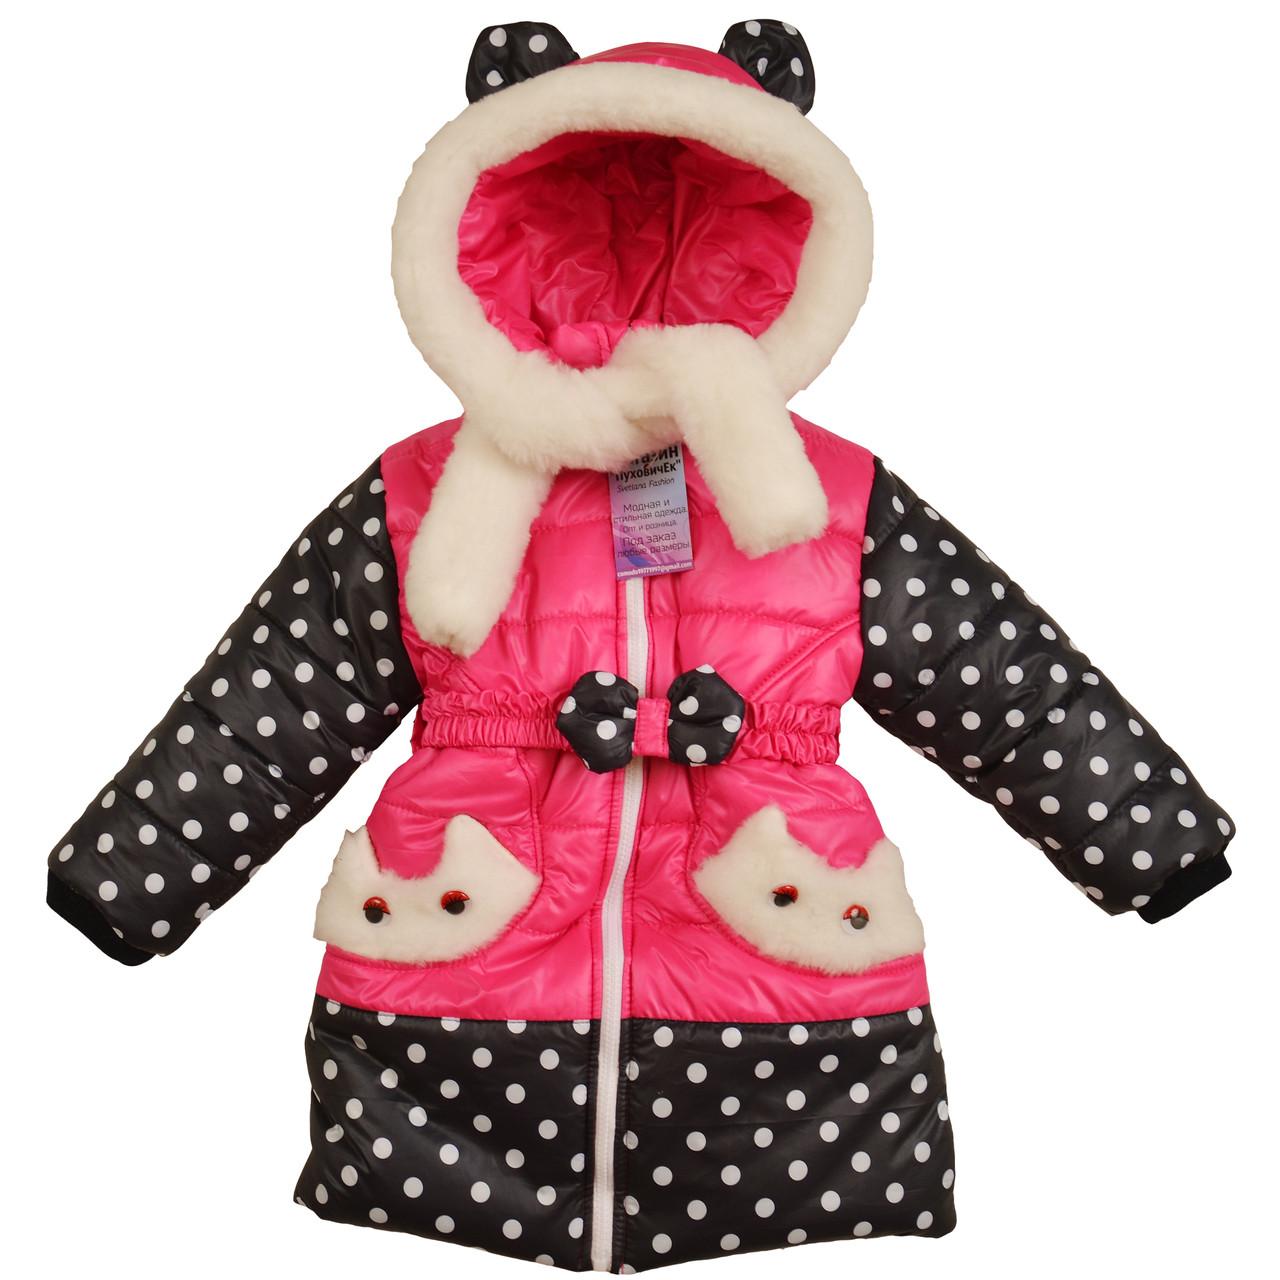 a1392e1bac4 Зимние куртки для девочек яркие - Интернет магазин Линия одежды в Харькове